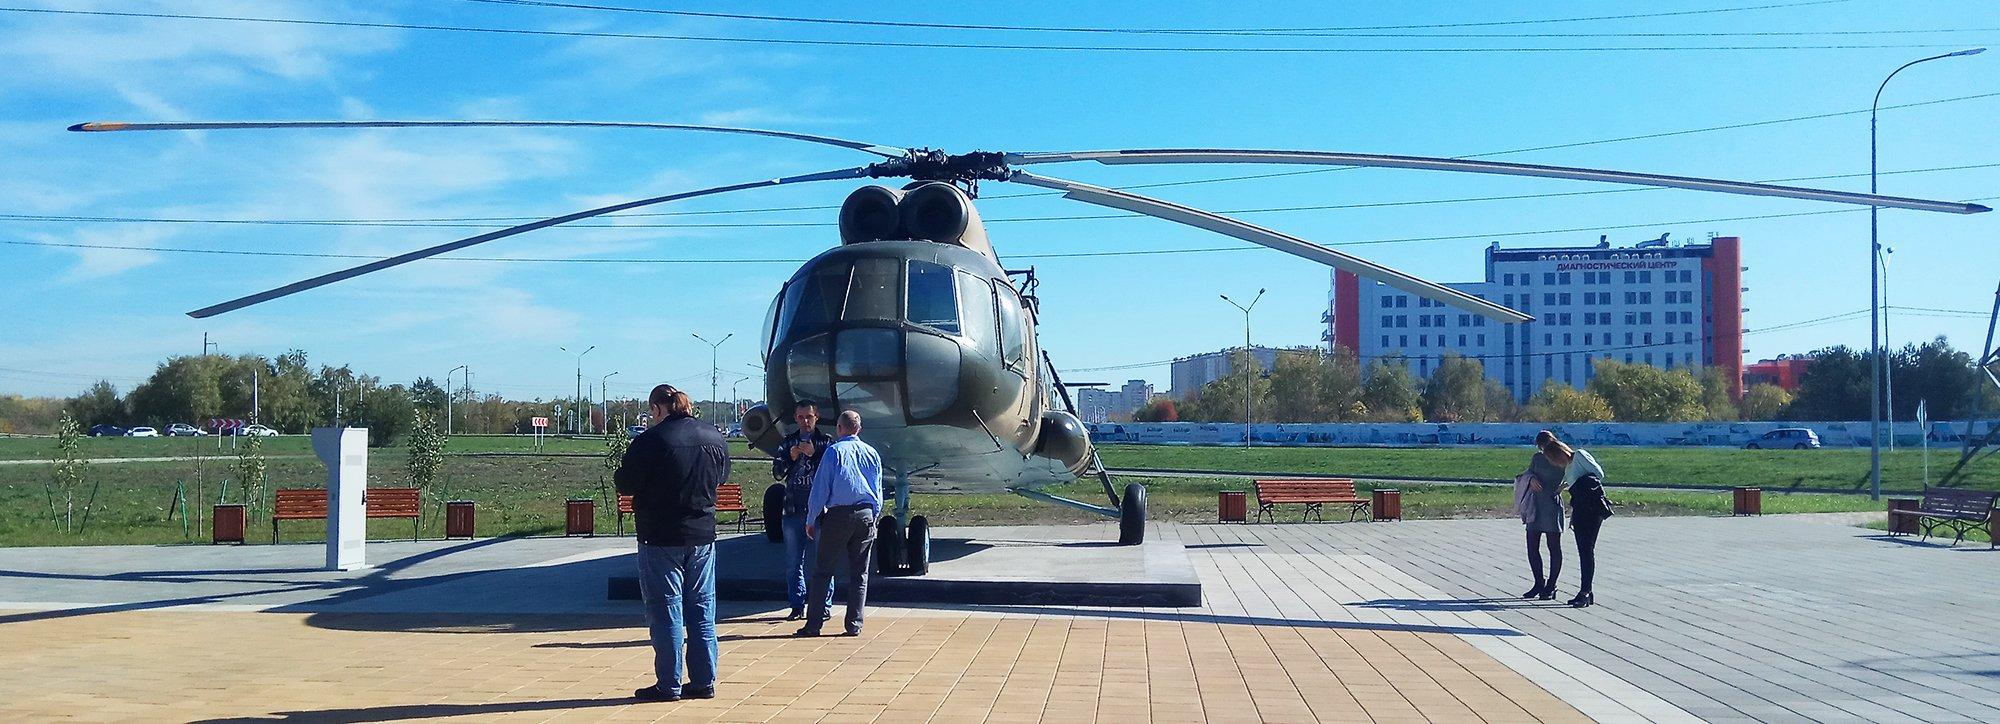 Пациенты Ставропольской психбольницы посмотрели на военную технику в парке «Патриот»